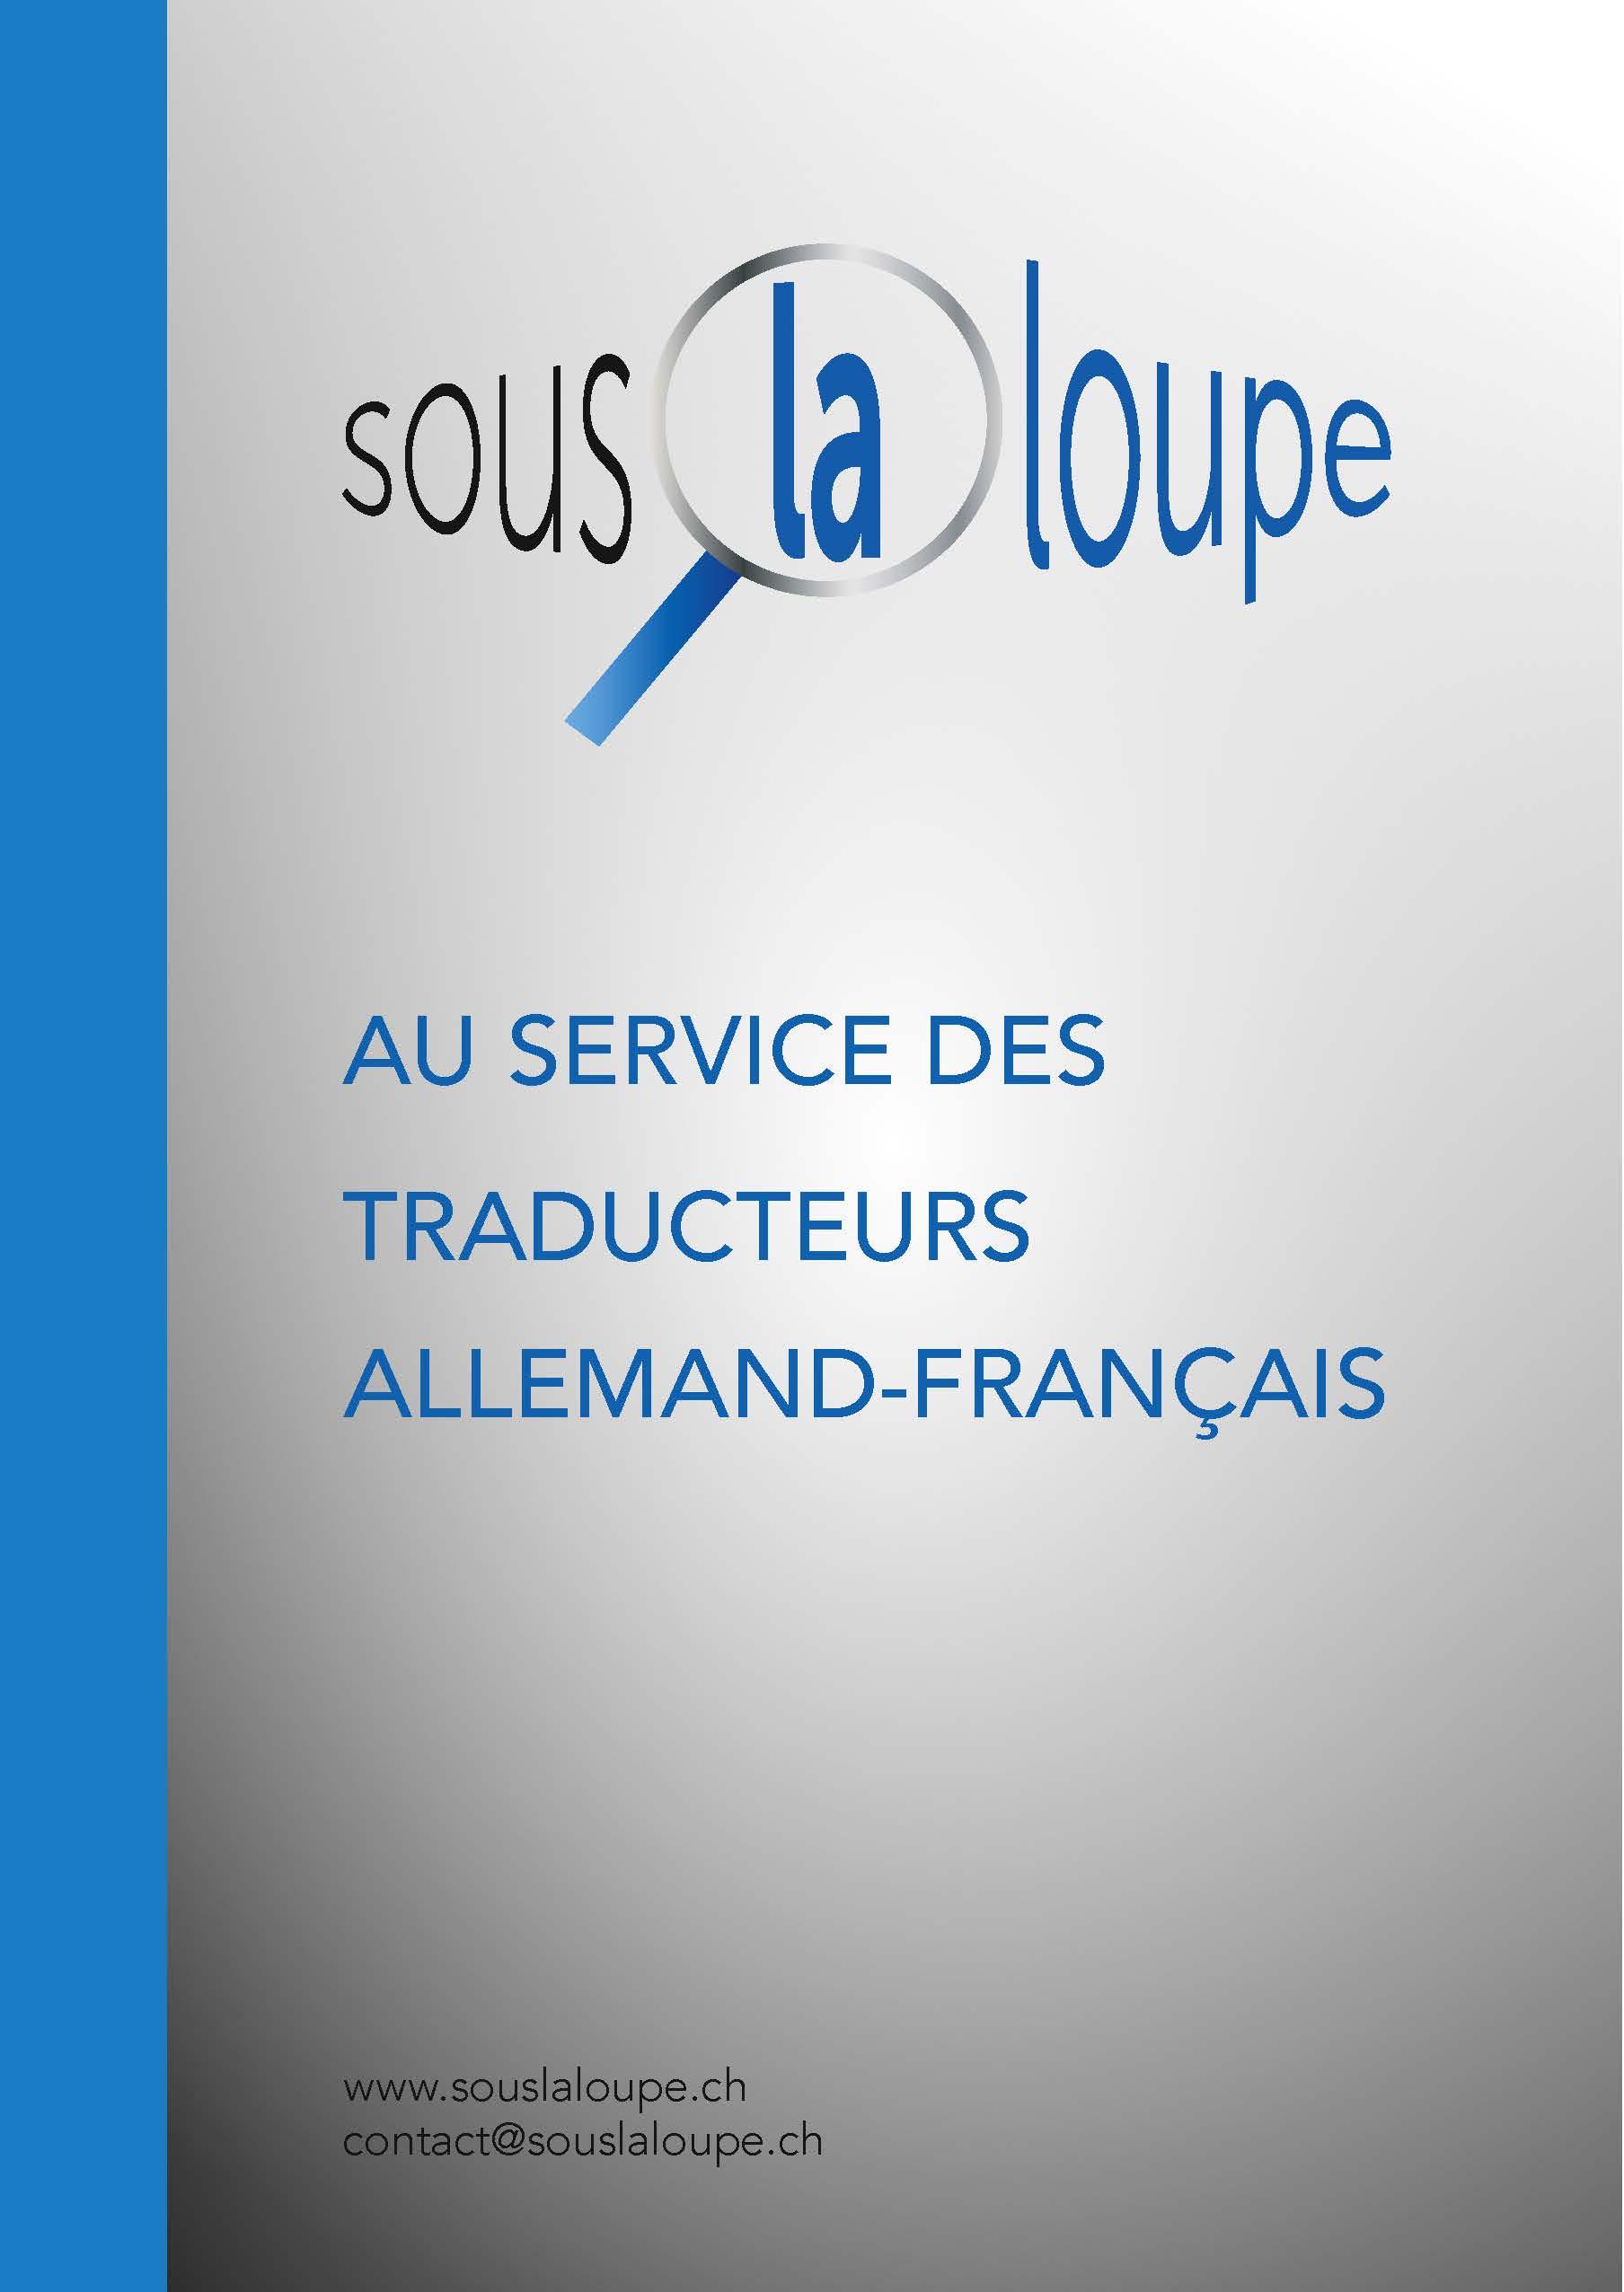 Au service des traducteurs allemand-français